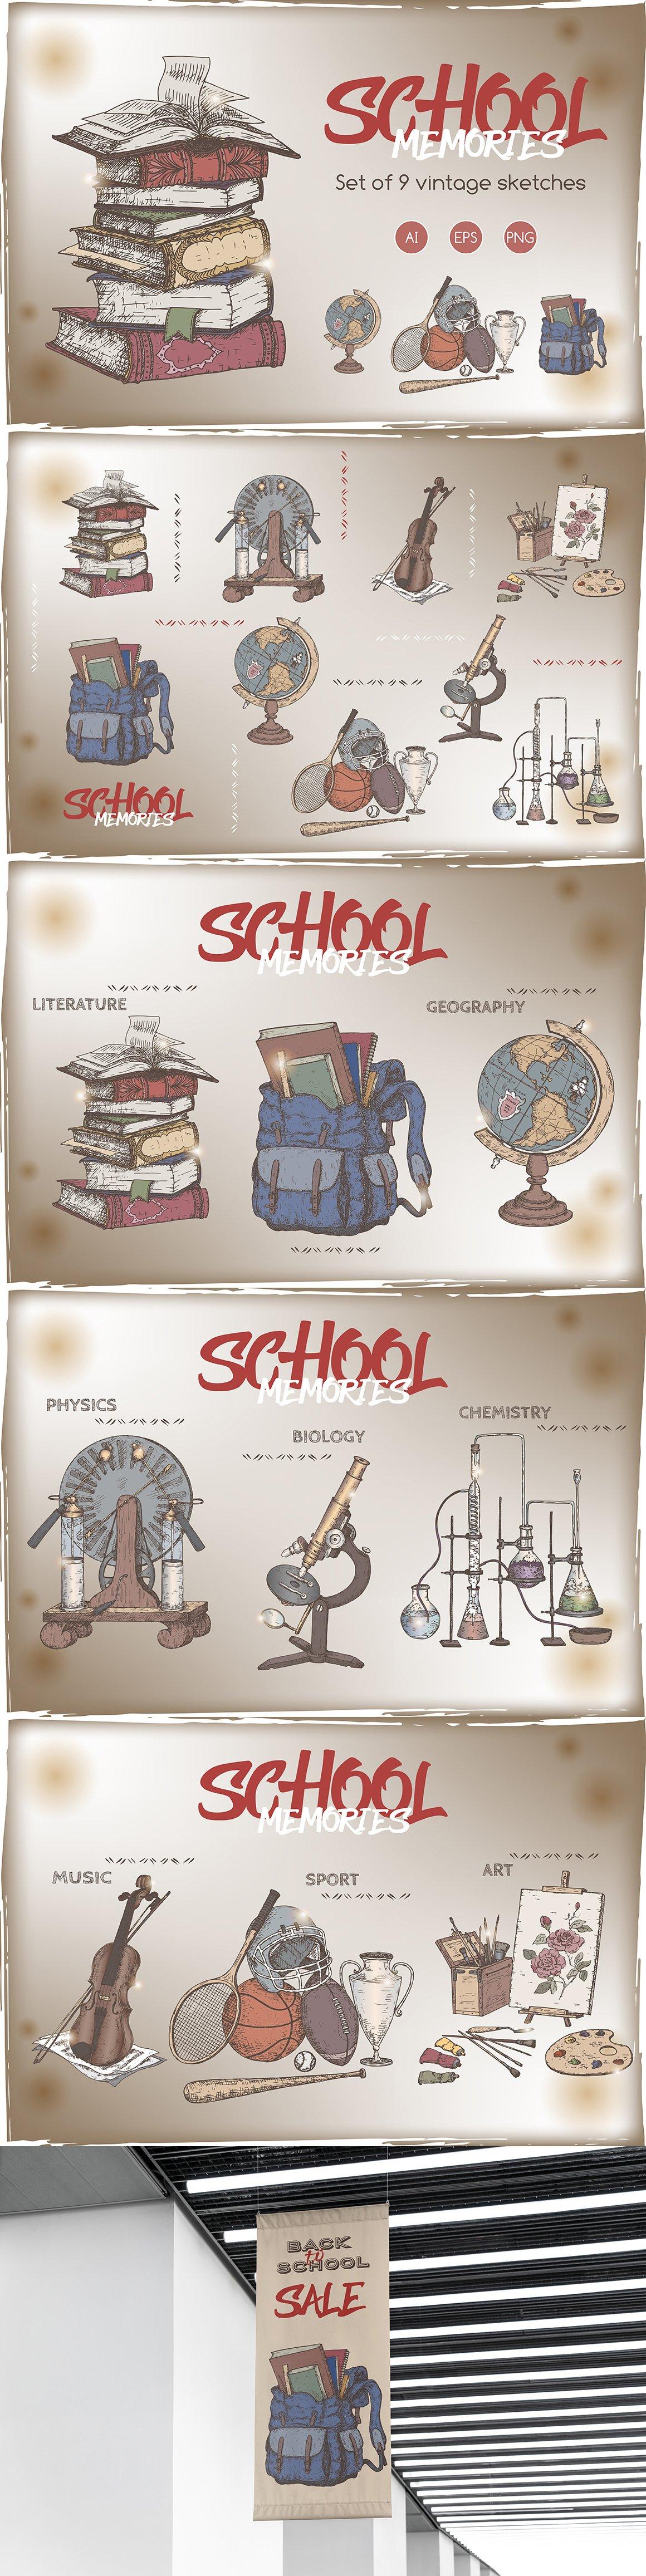 怀旧上学学校元素手绘插画矢量设计素材 School Memories Vintage Sketch Set插图